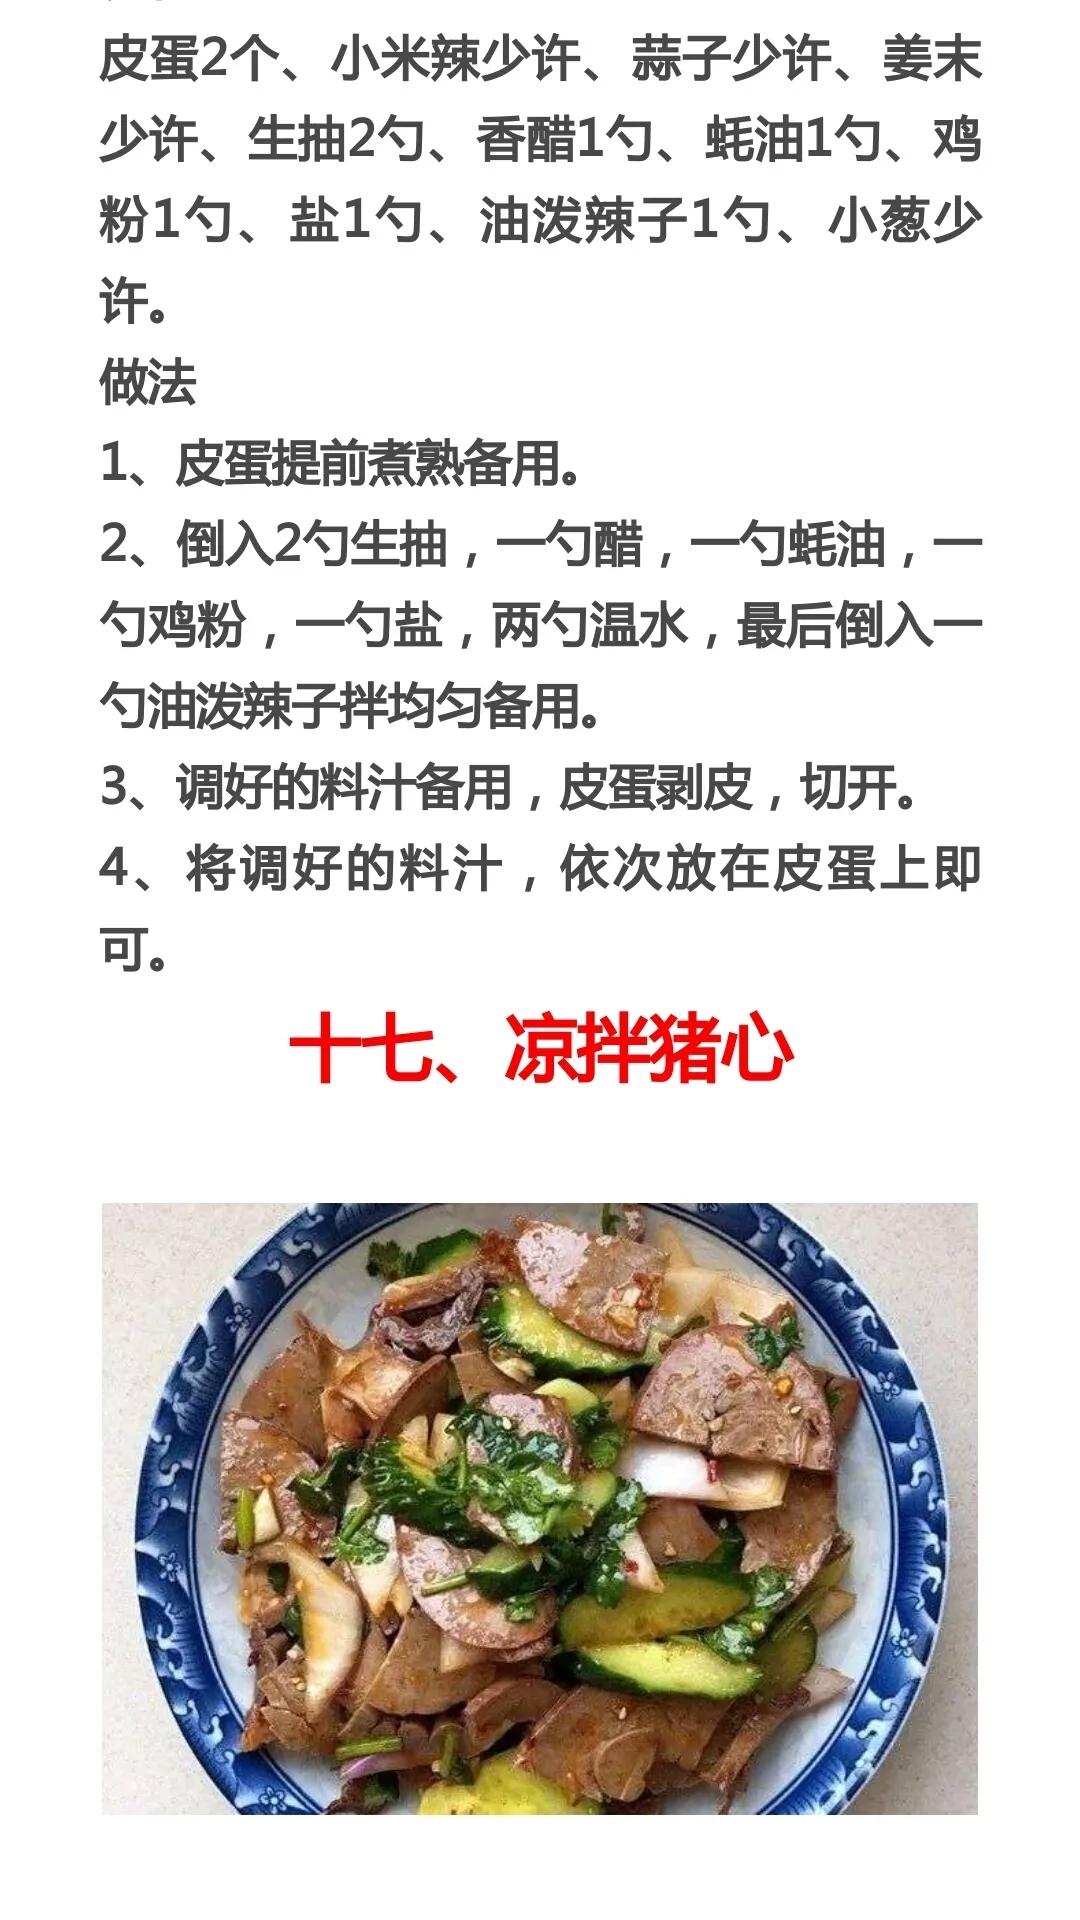 家常凉拌菜的做法及配料 美食做法 第10张